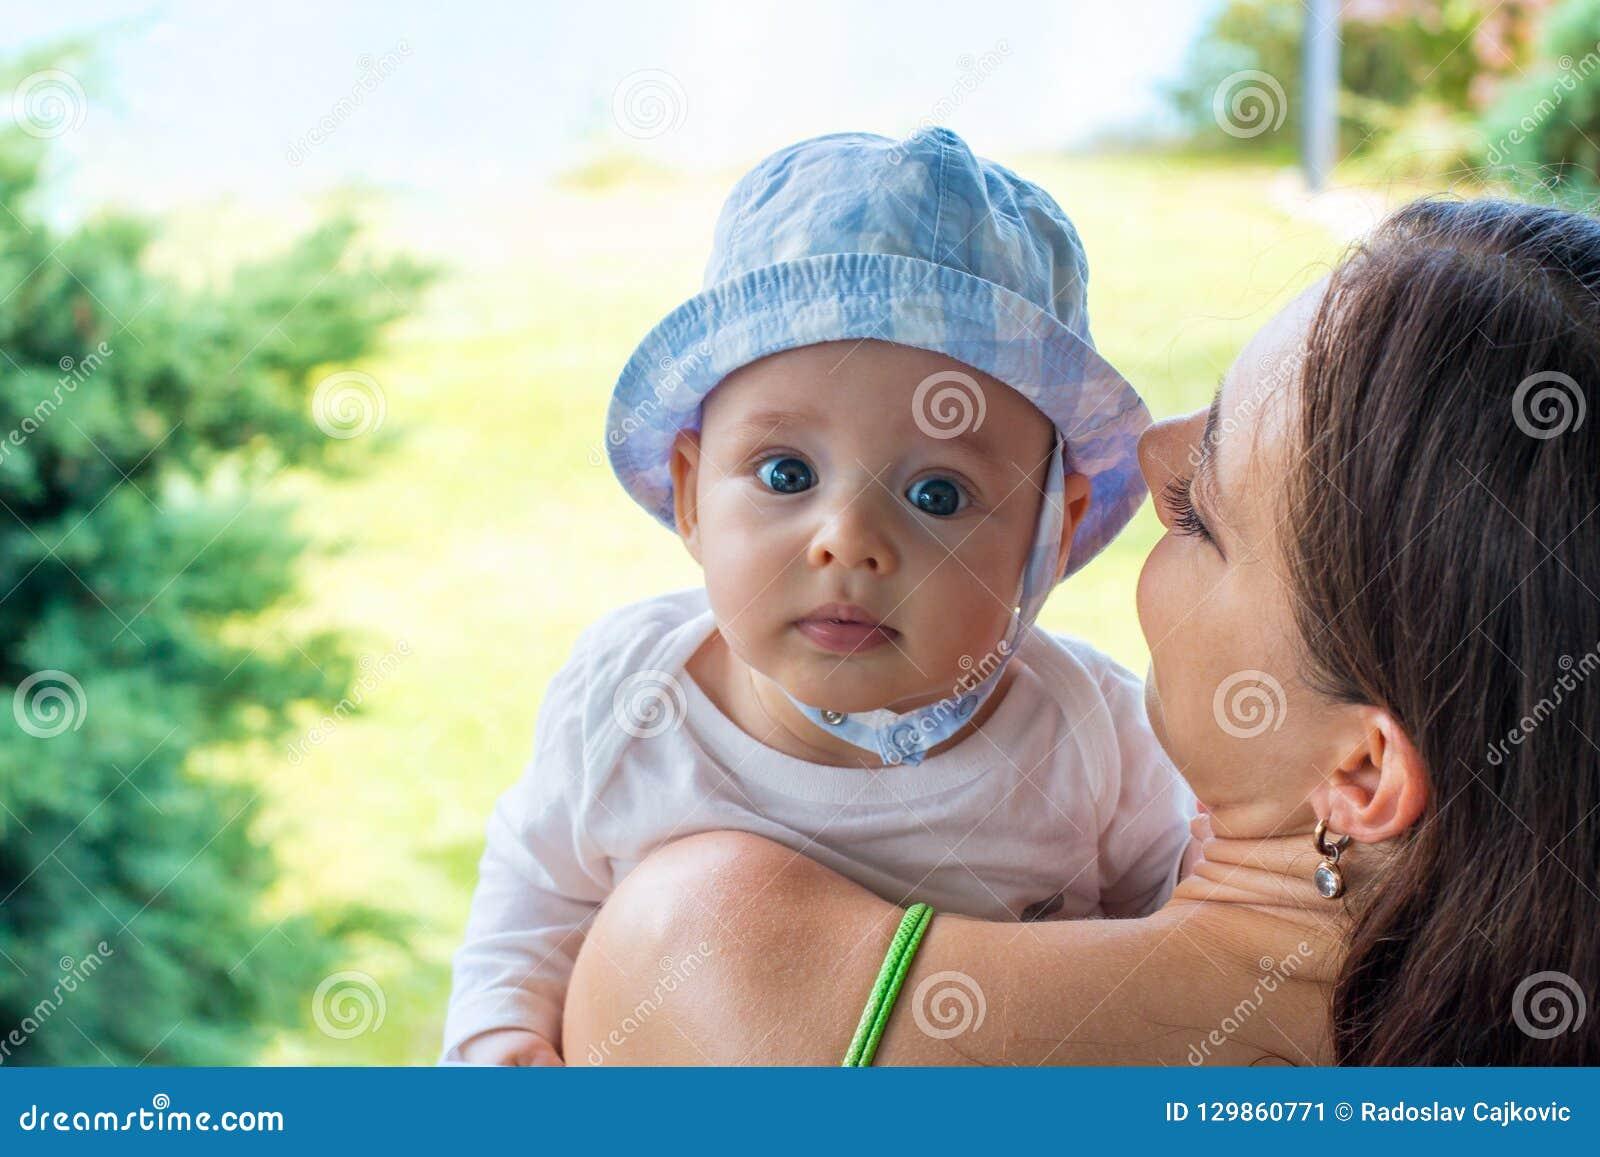 俏丽的帽子的,婴儿面孔画象母亲拥抱逗人喜爱的蓝眼睛的婴孩